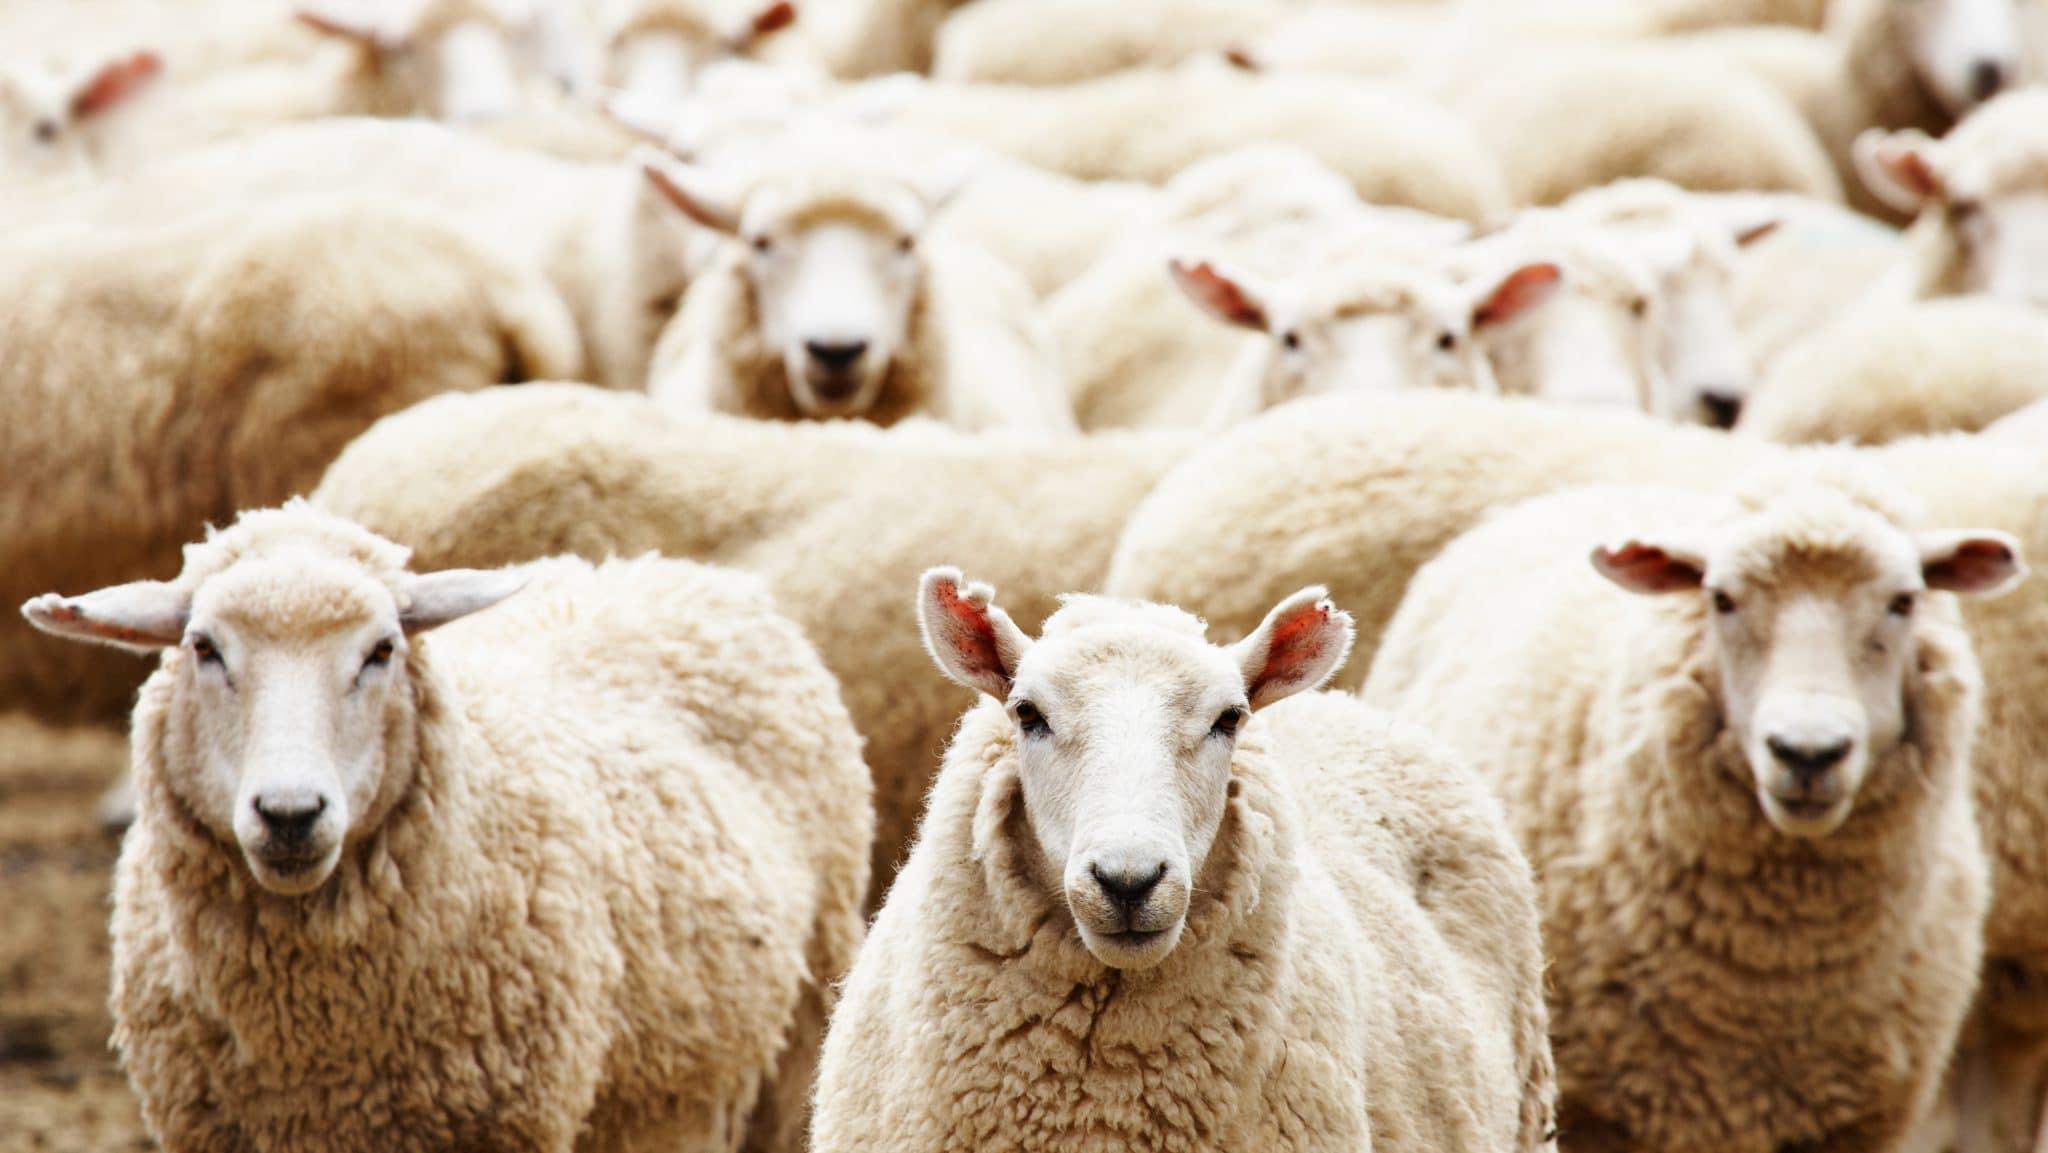 Herd of sheep, facing forward